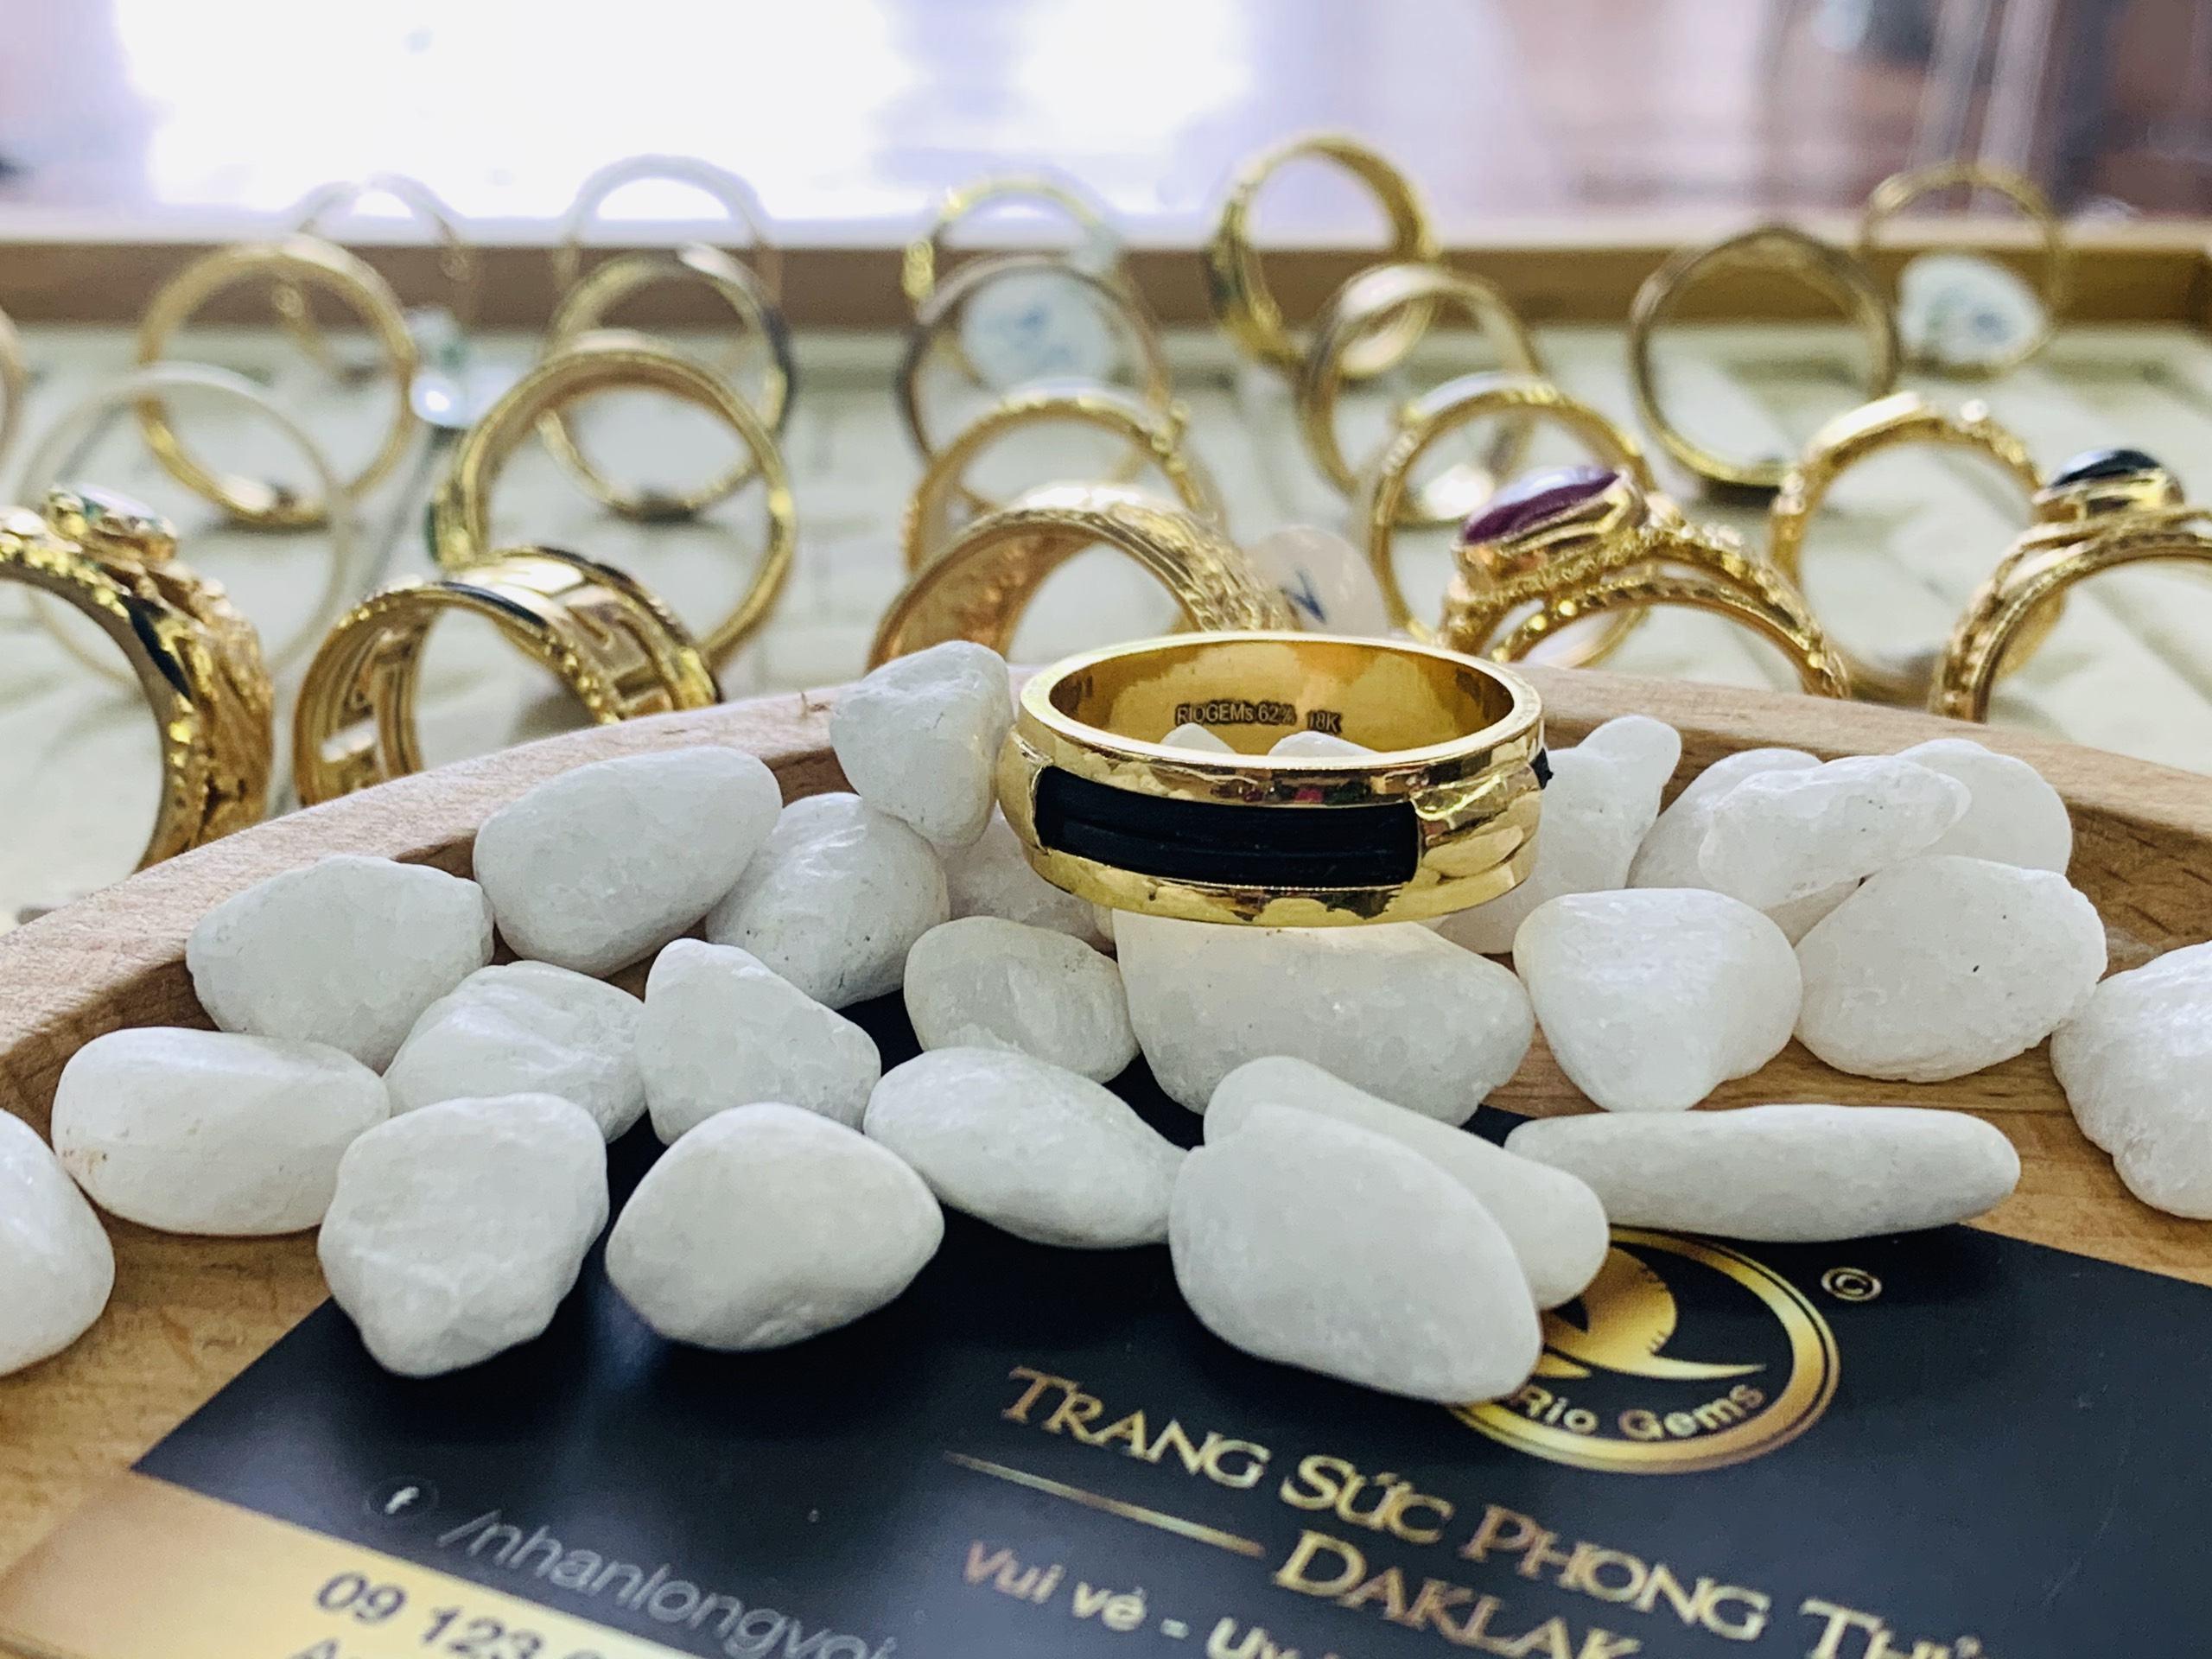 Nhẫn nam làm tay 2 sợi chung vàng 18K - Bảng vuông 6 mm (lông FAKE)